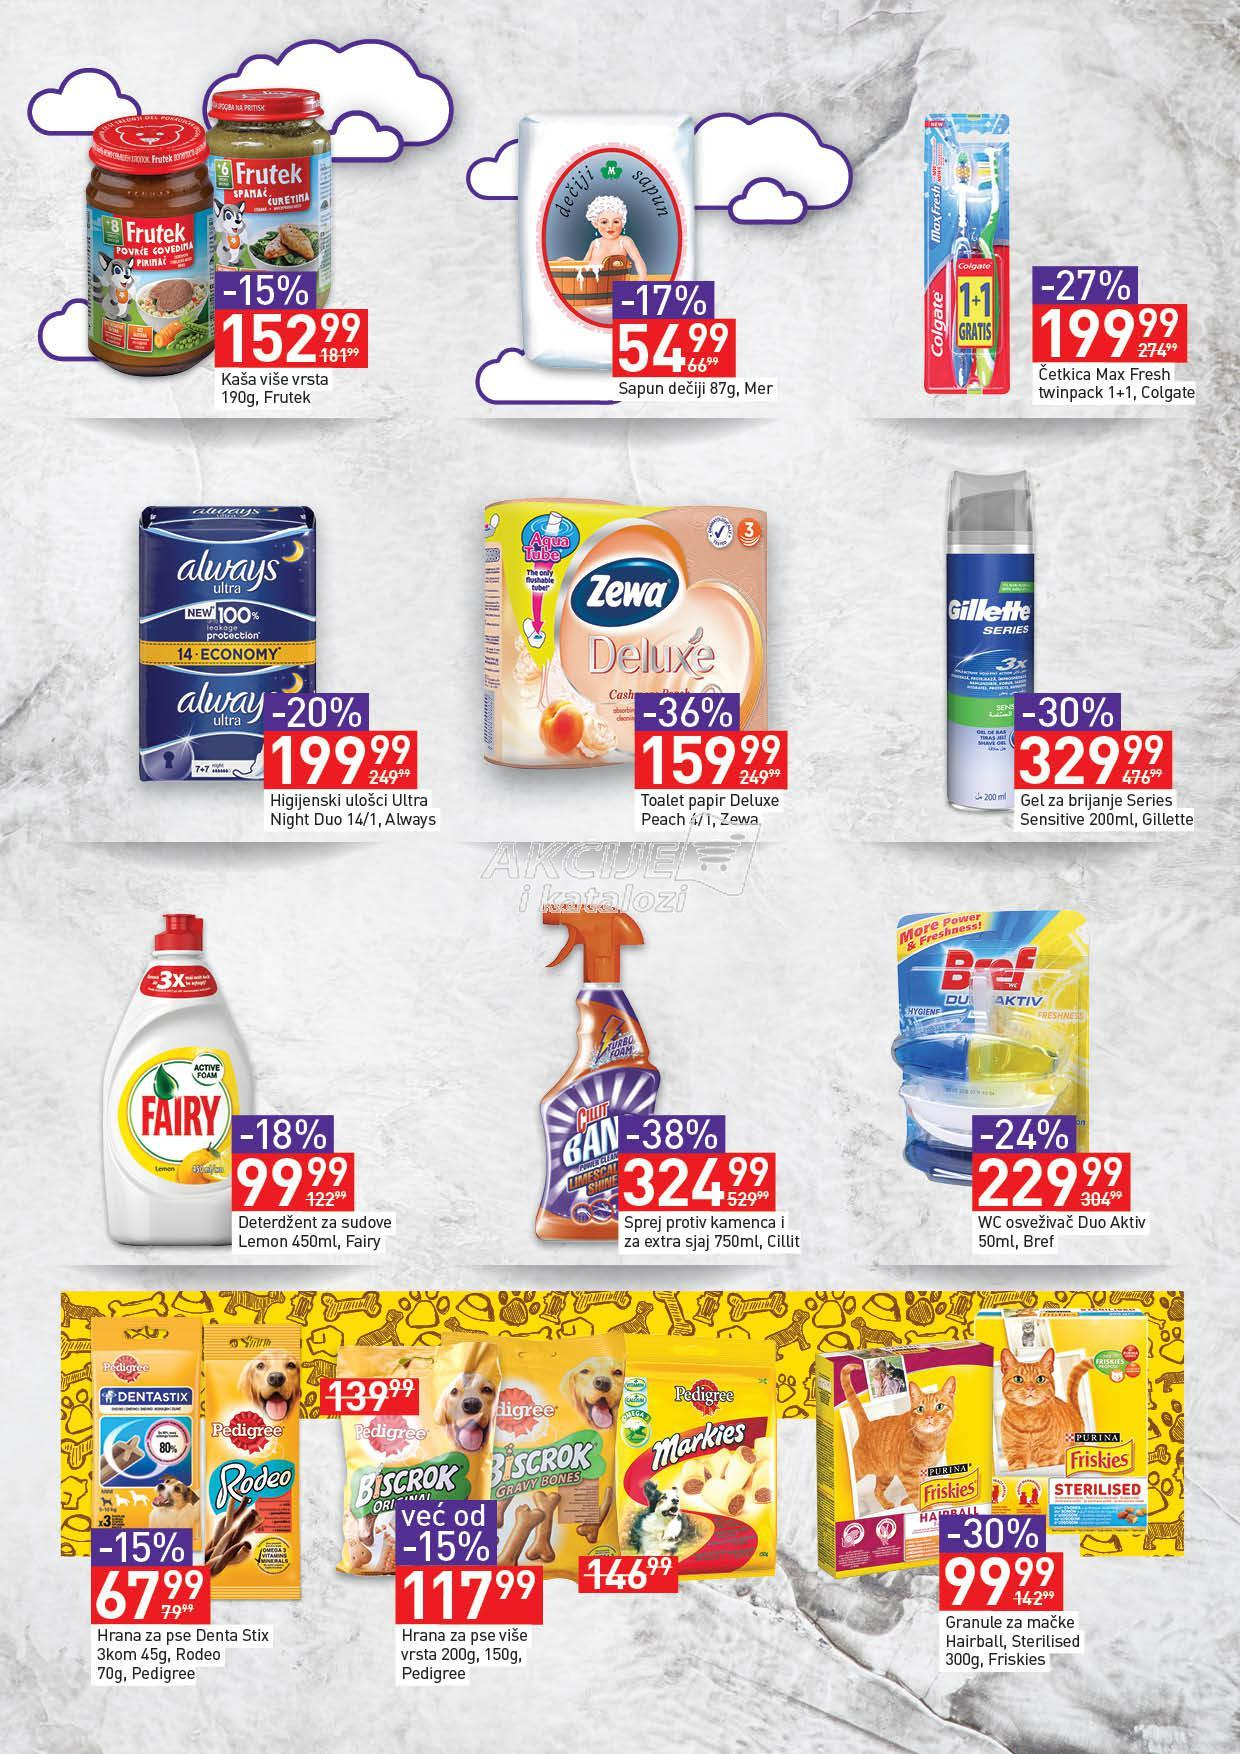 Shop&go akcija super cena